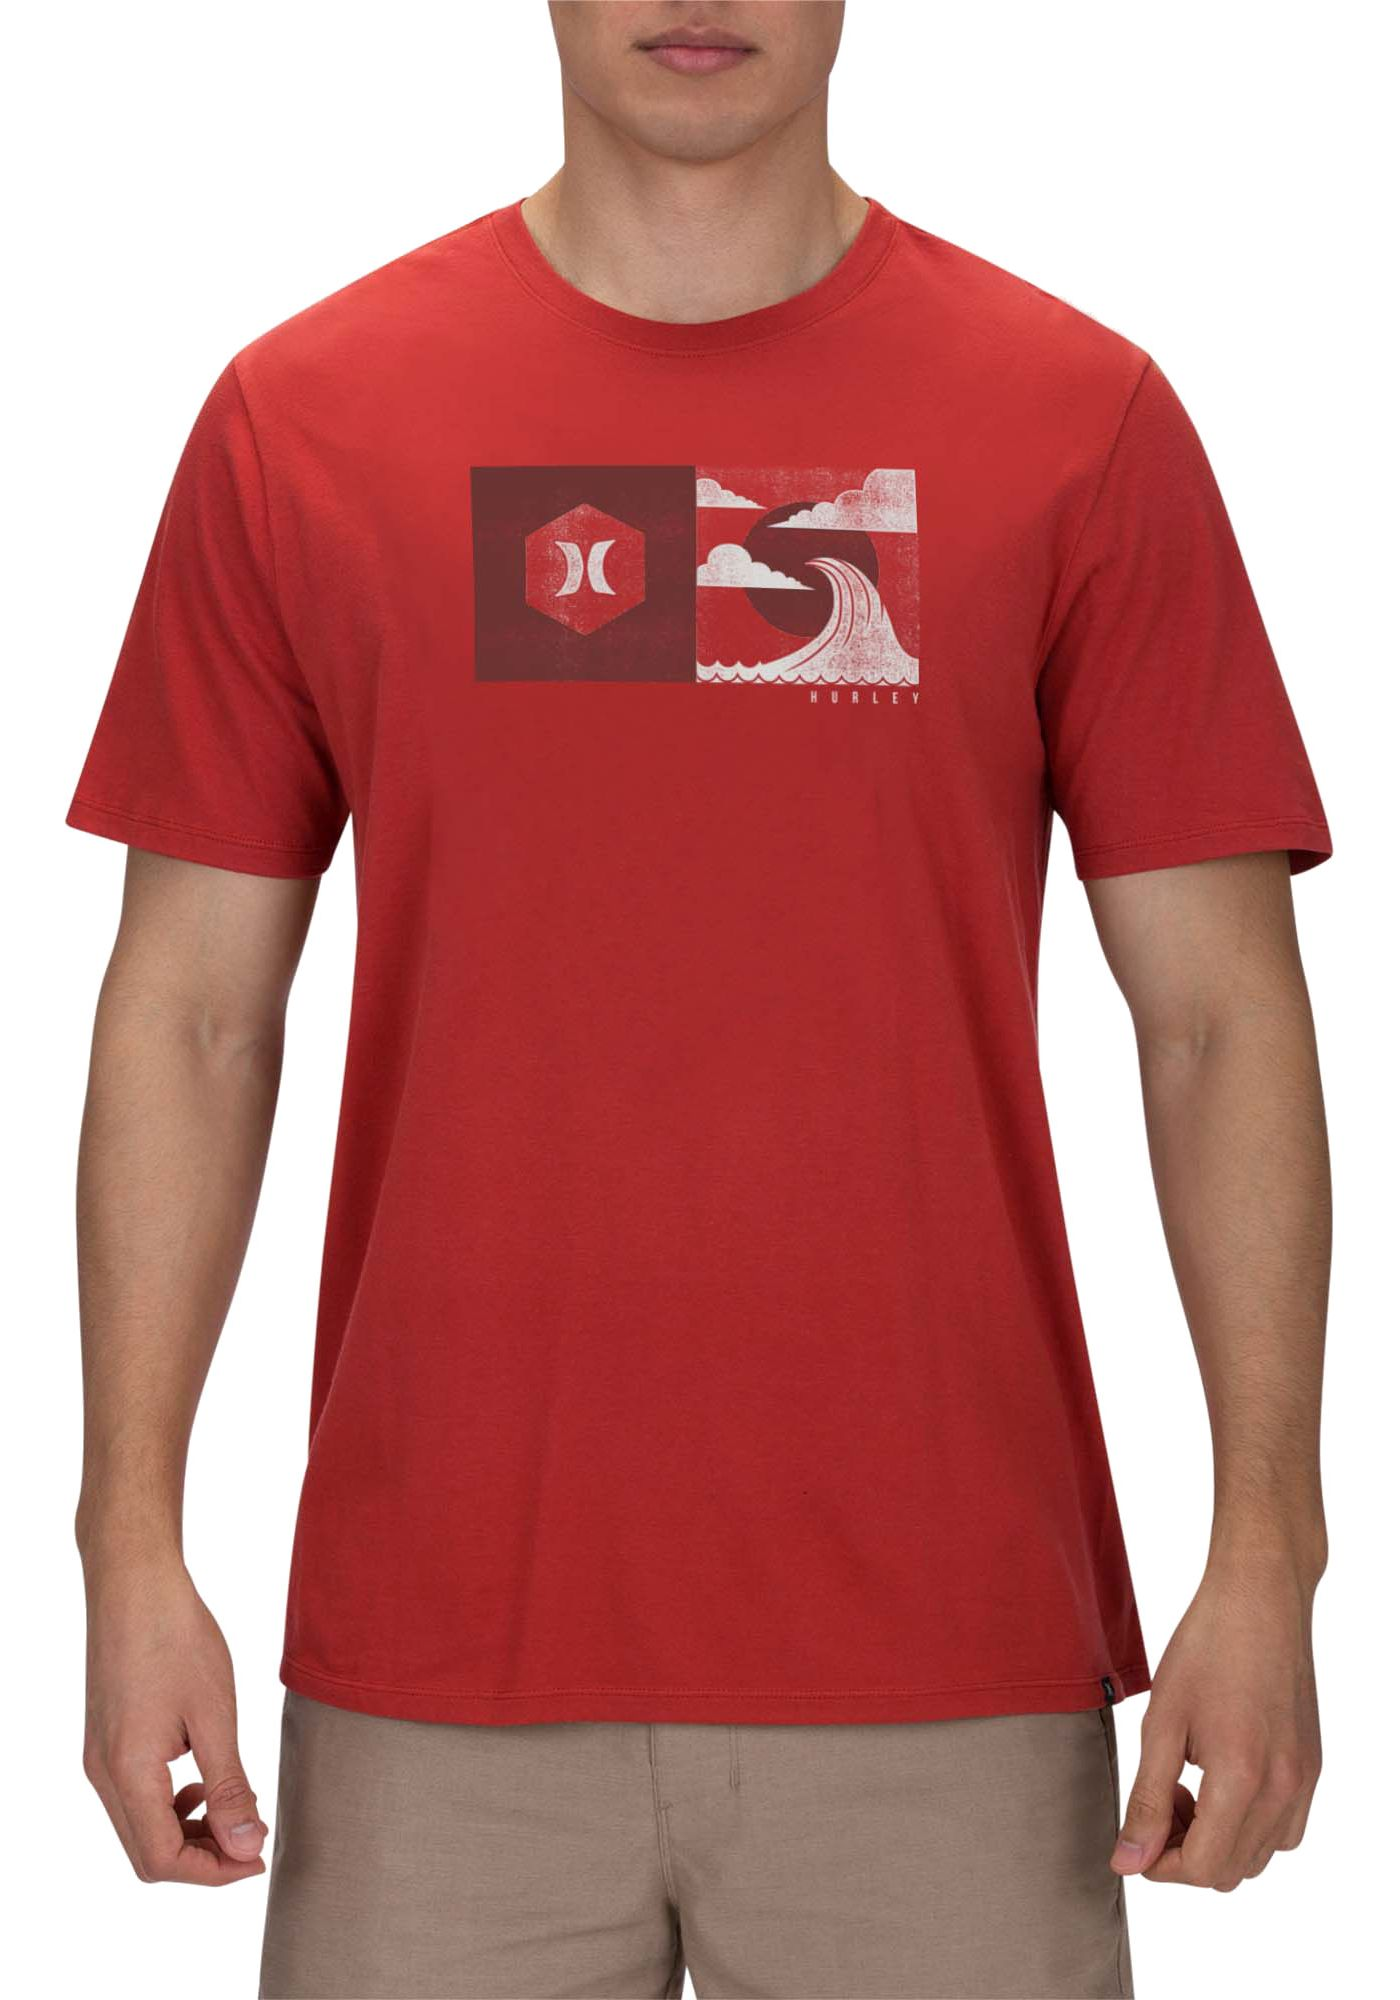 Hurley Men's Crashing T-Shirt